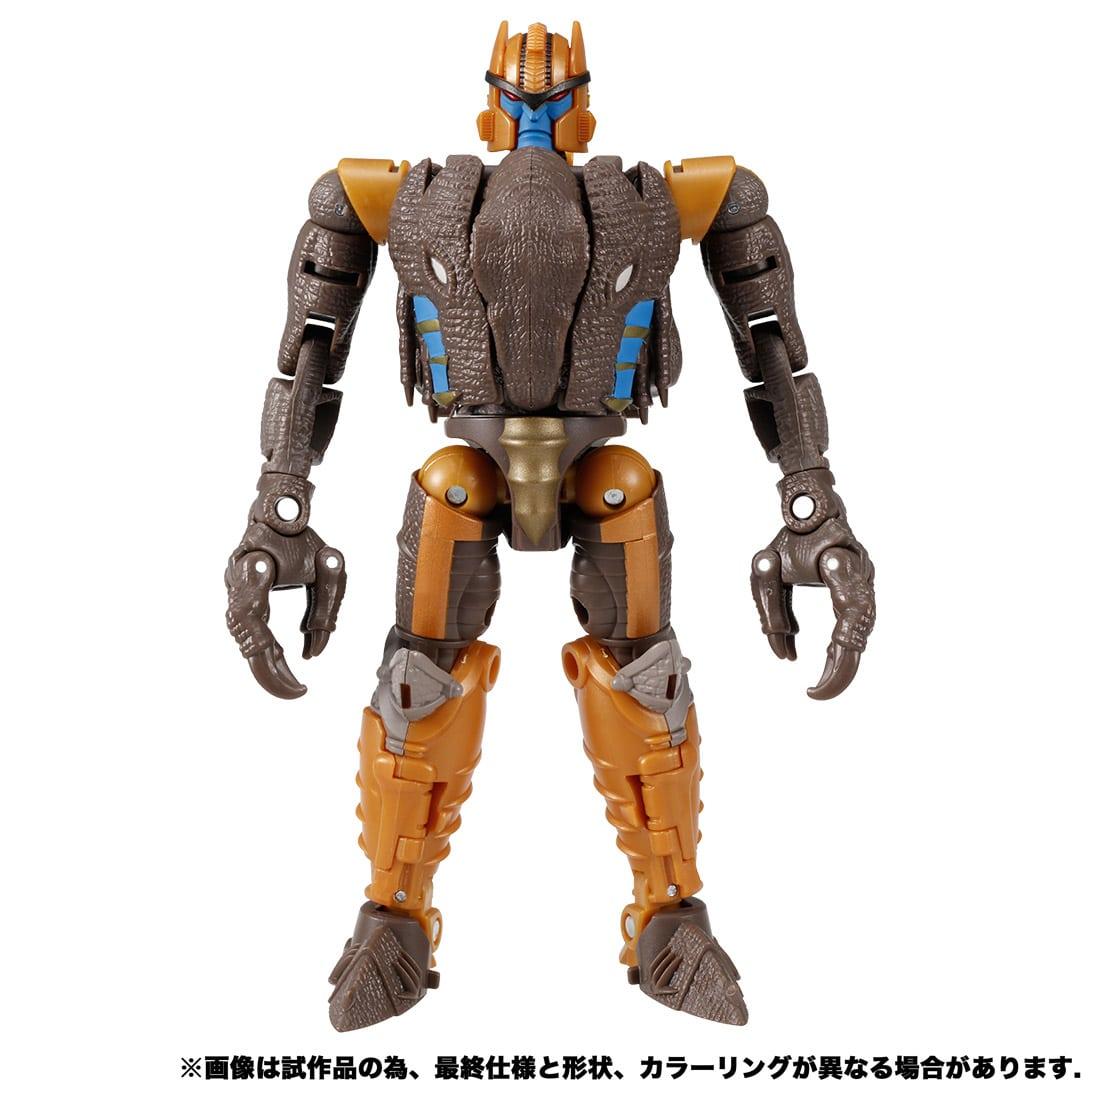 トランスフォーマー キングダム『KD-08 ダイノボット』可変可動フィギュア-001